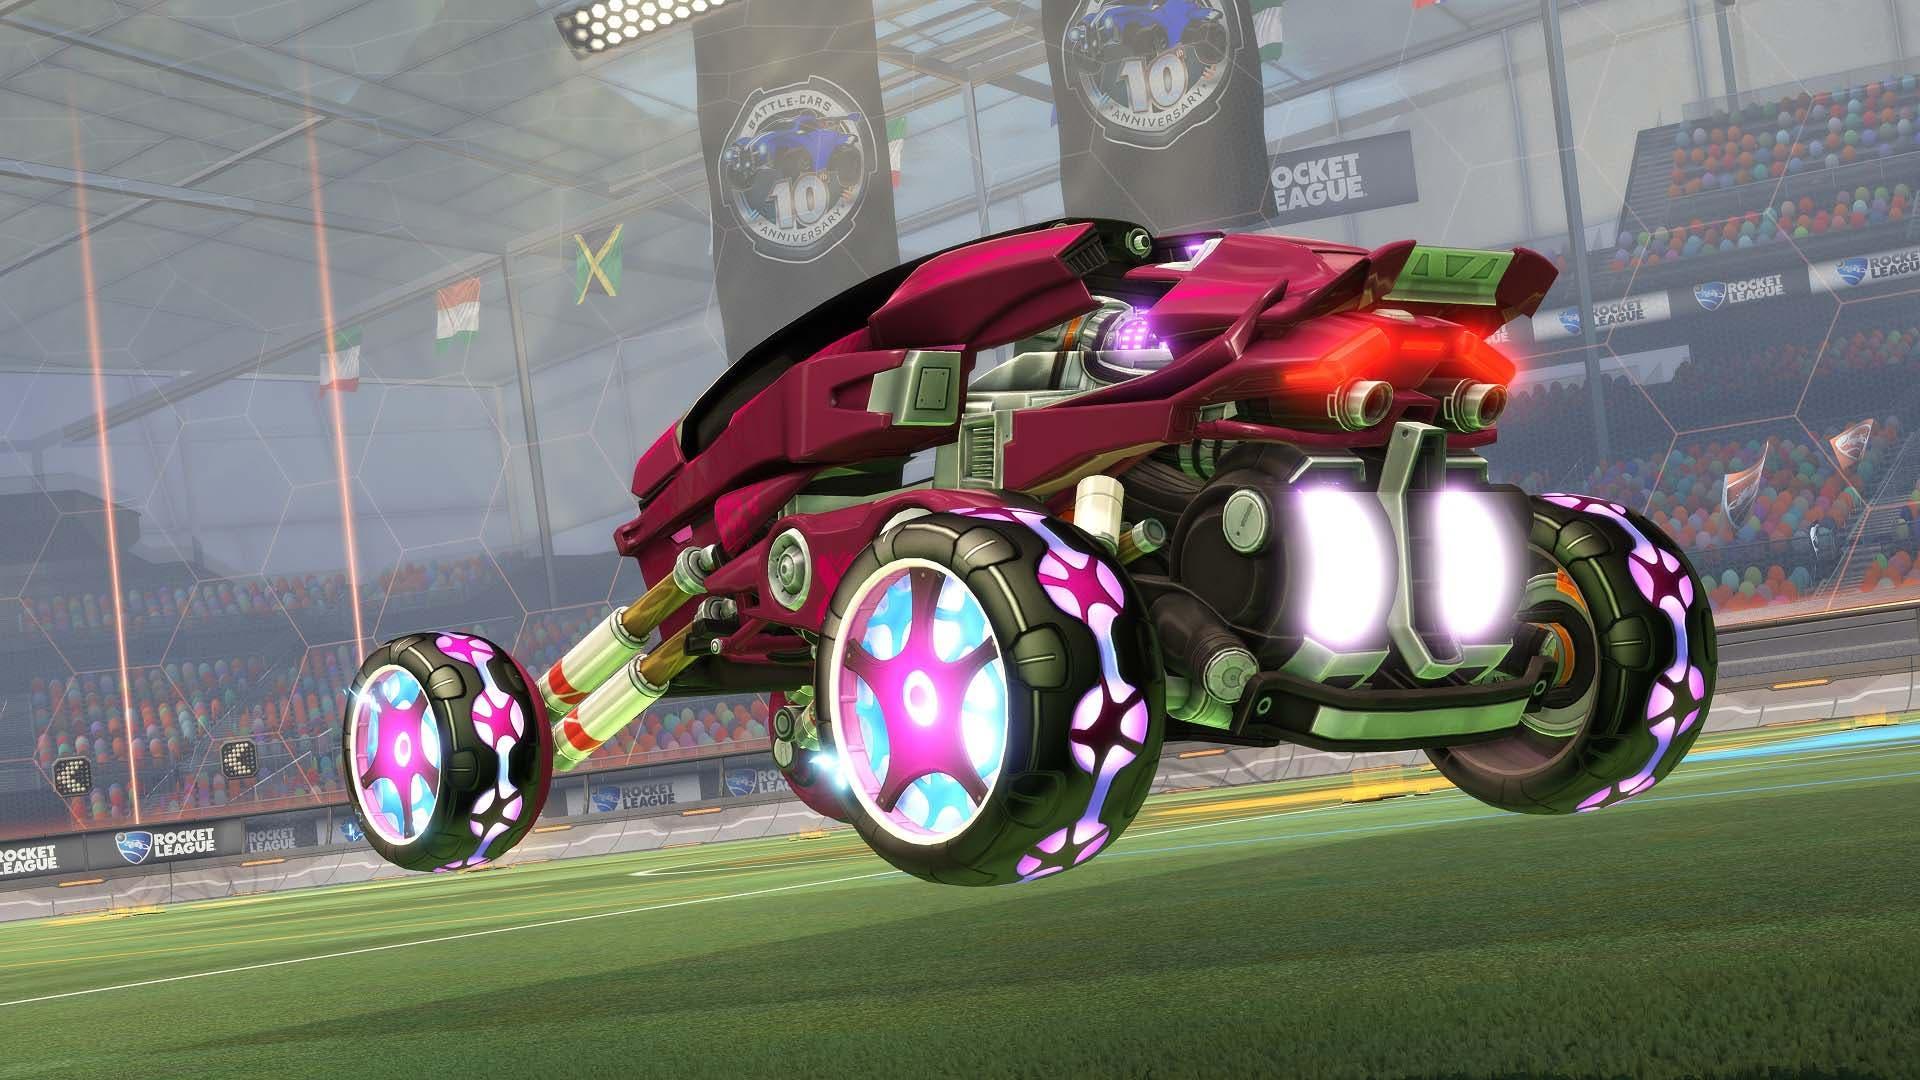 Rocket League recibirá el 3 de diciembre soporte para Xbox One X 2